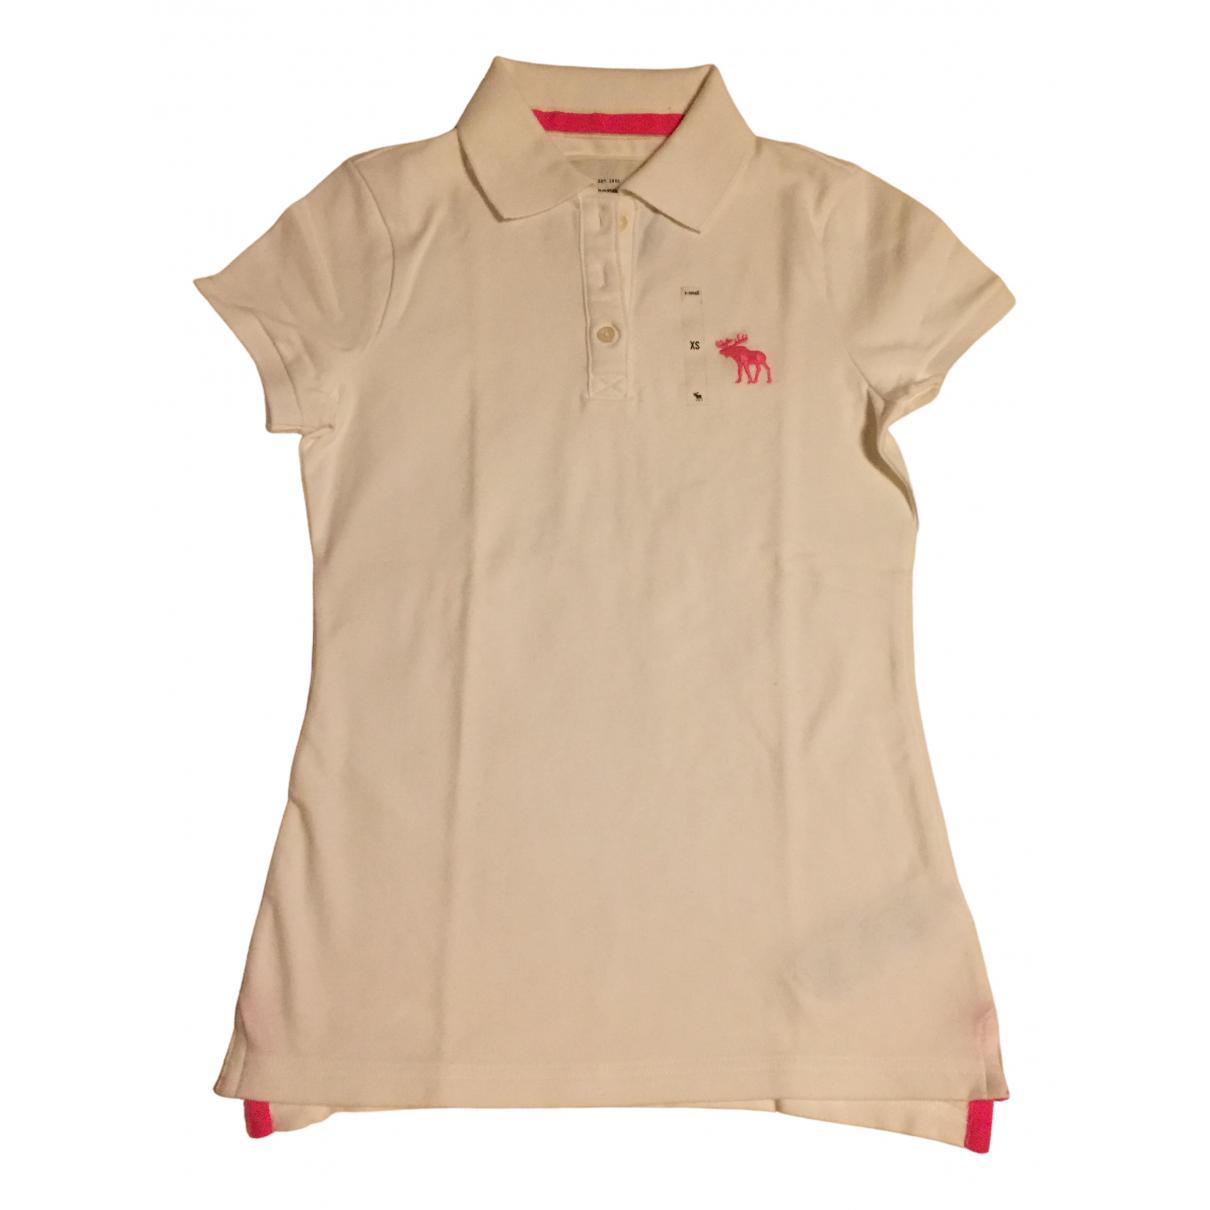 Abercrombie & Fitch - Top   pour femme en coton - blanc